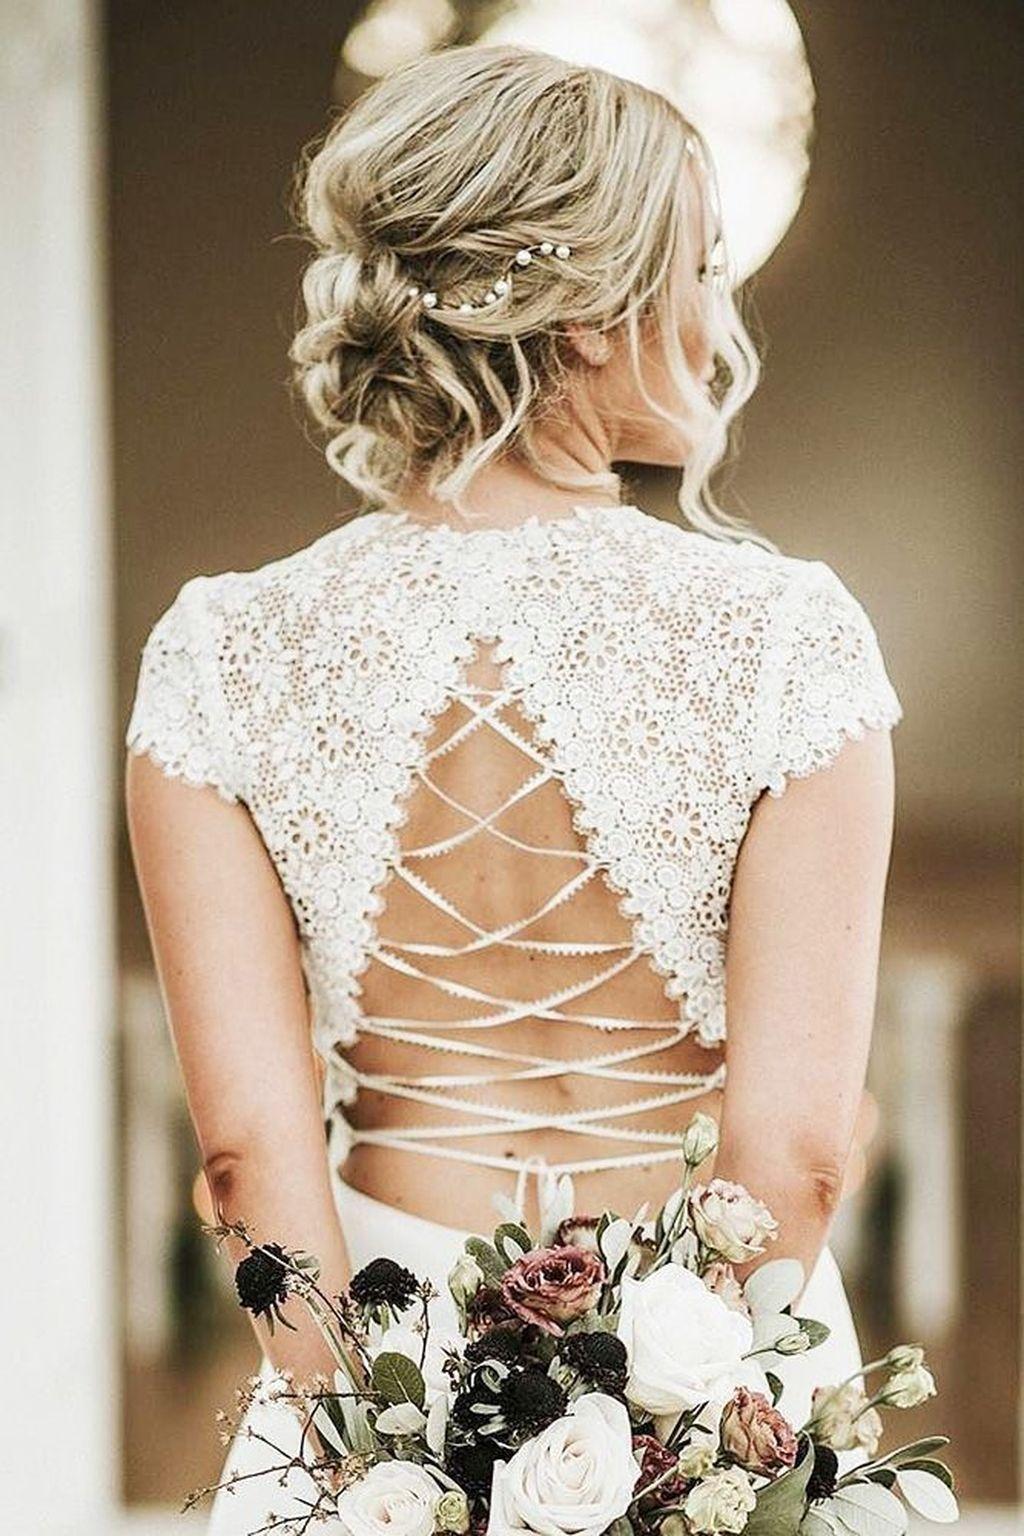 beautiful wedding updo hairstyle ideas updo weddings and wedding